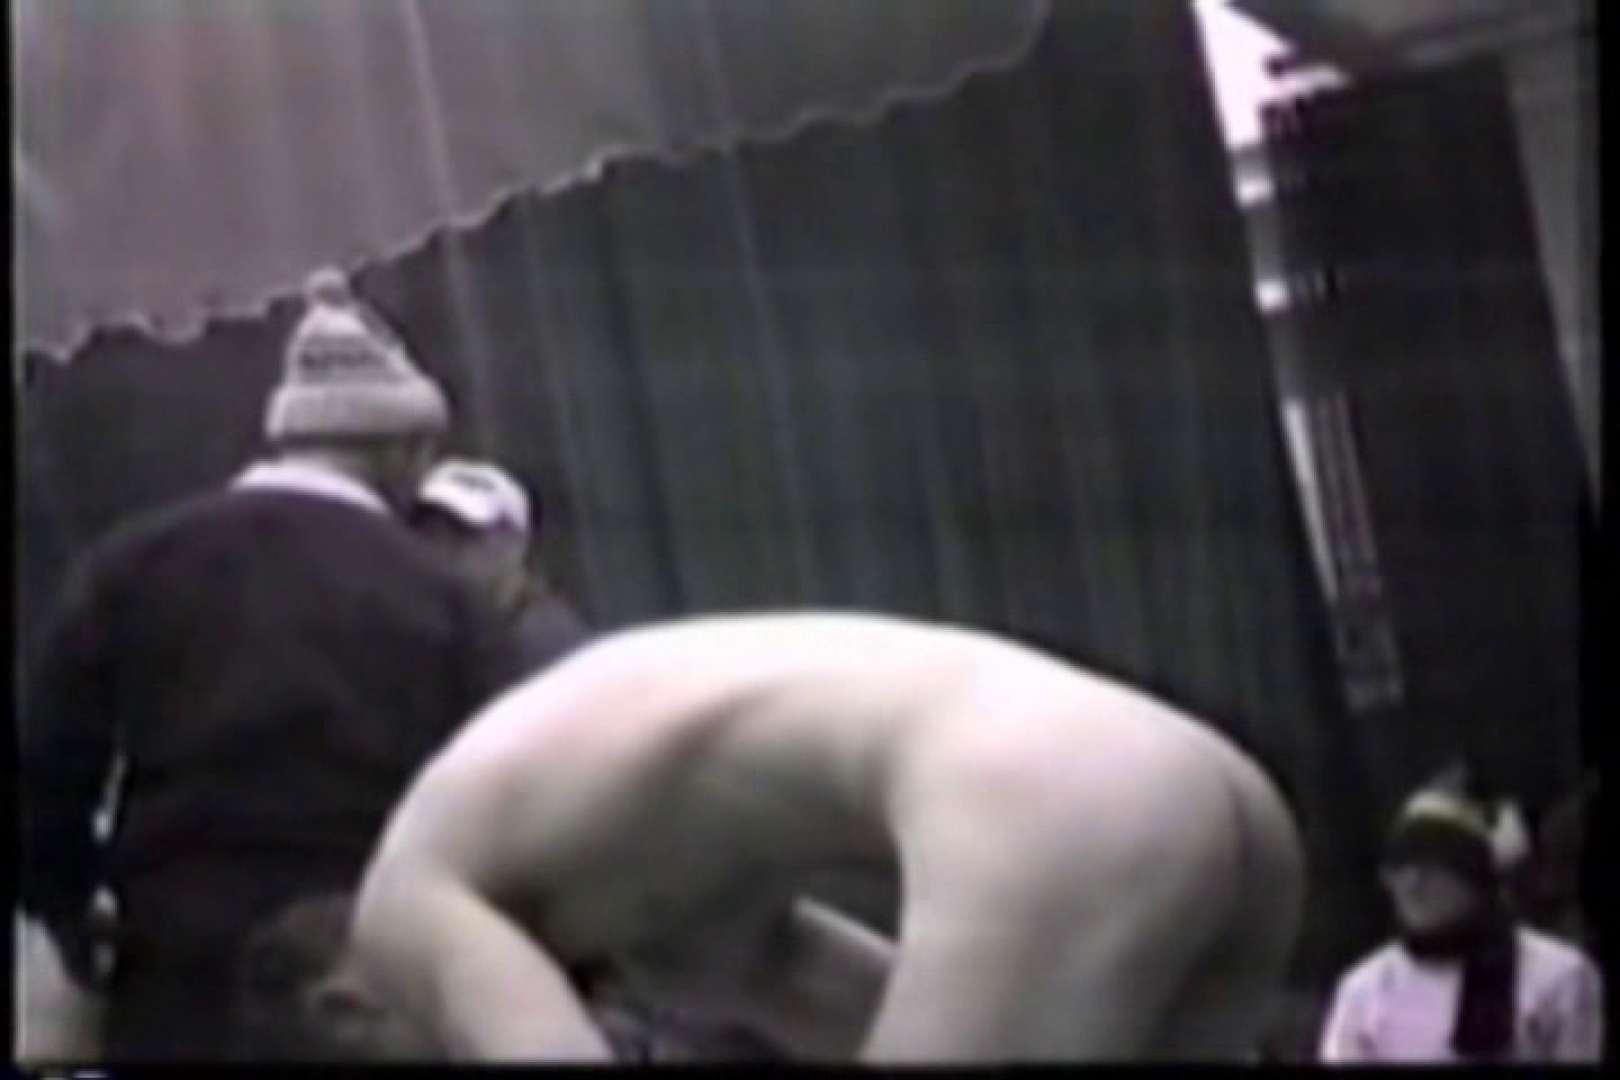 洋人さんの脱衣所を覗いてみました。VOL.6 覗き特集 | ガチムチマッチョ系メンズ  8画像 1